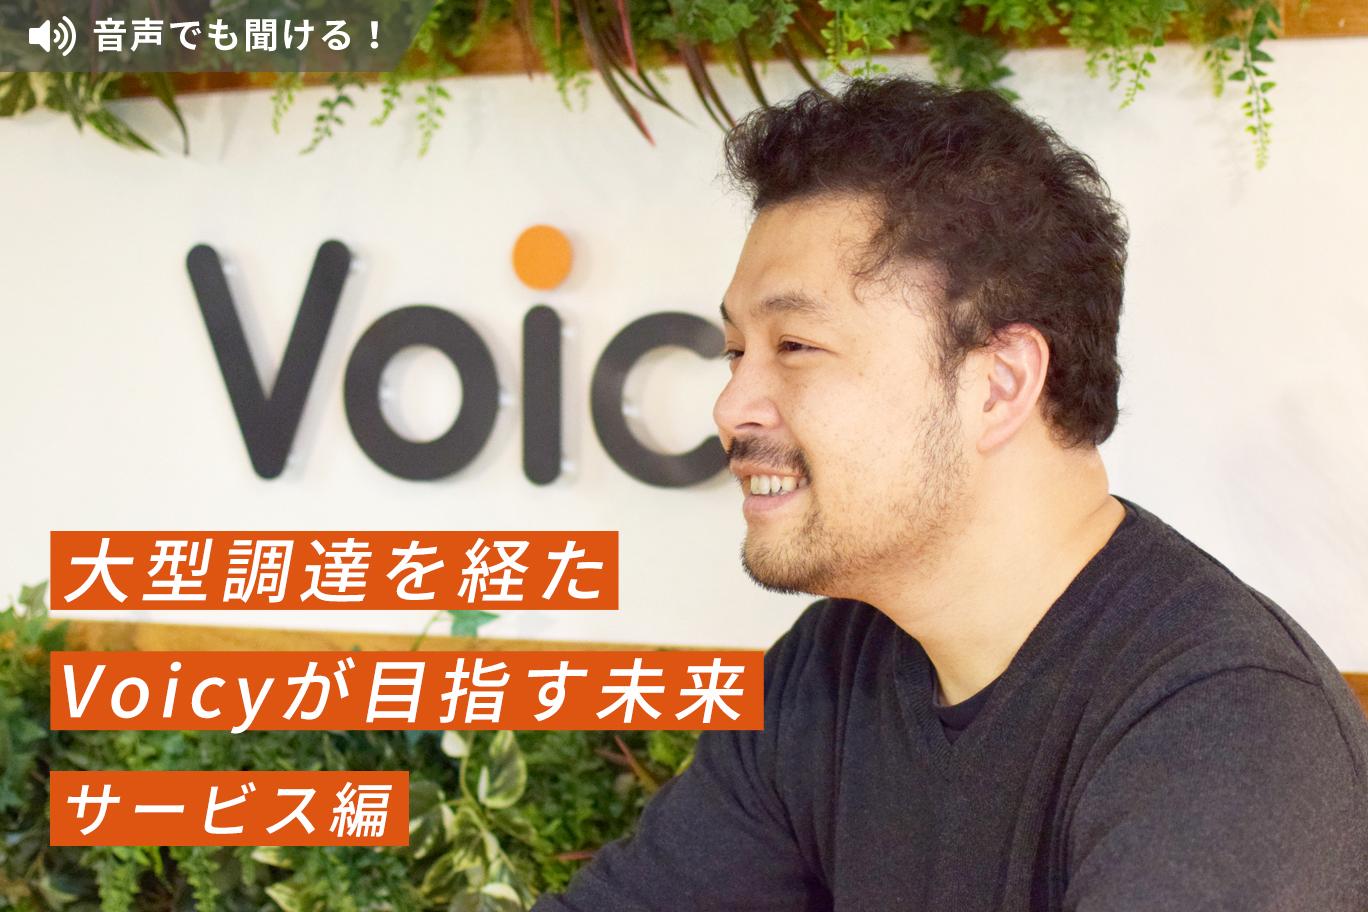 大型調達を経たVoicyが目指す未来 サービス編